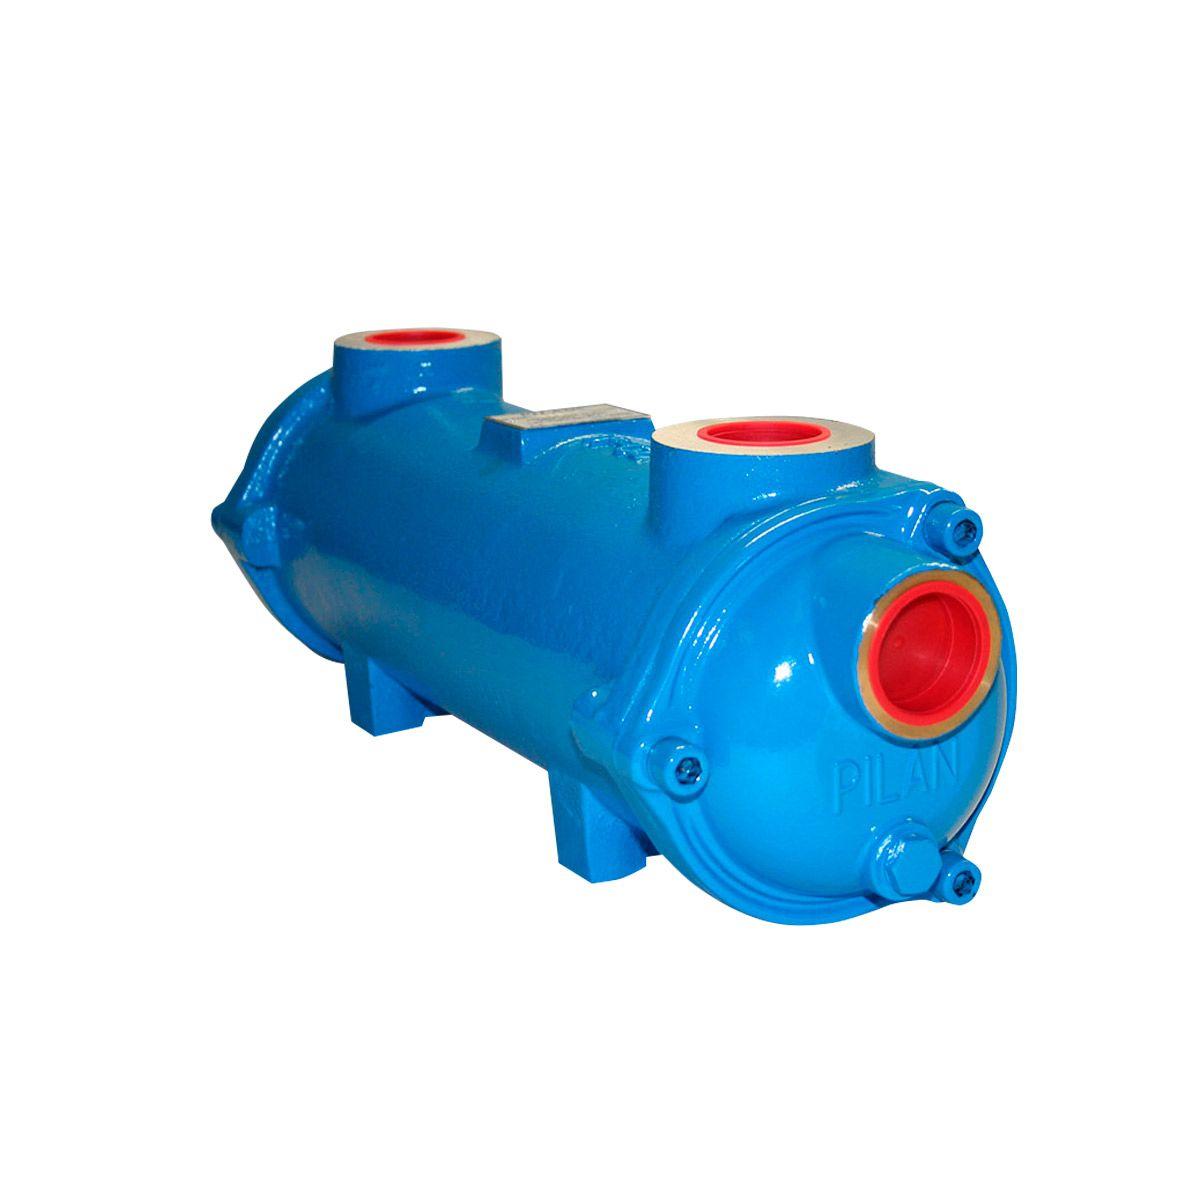 Intercambiador agua aceite Pilan